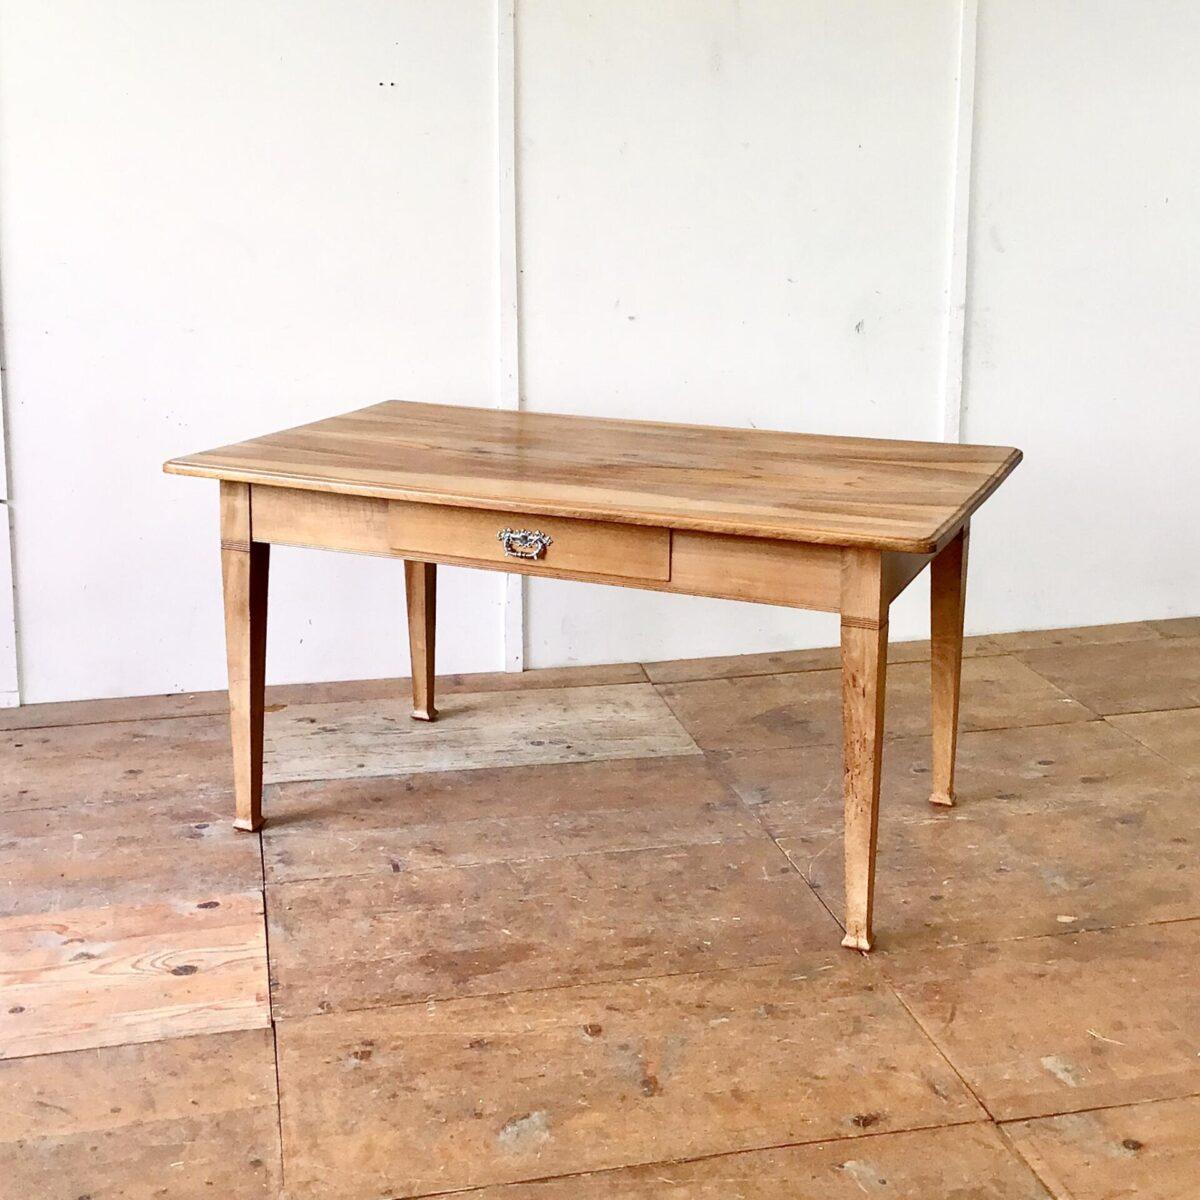 Deuxieme.shop Beizentisch Küchentisch Nussbaum Biedermeier Tisch 154x89cm Höhe 77cm. Dieser Esstisch oder grosse Schreibtisch ist komplett aus Nussbaum Vollholz. Die Holzoberfläche ist lackiert. Lebhafte Holzmaserung, Tischkante leicht profiliert.